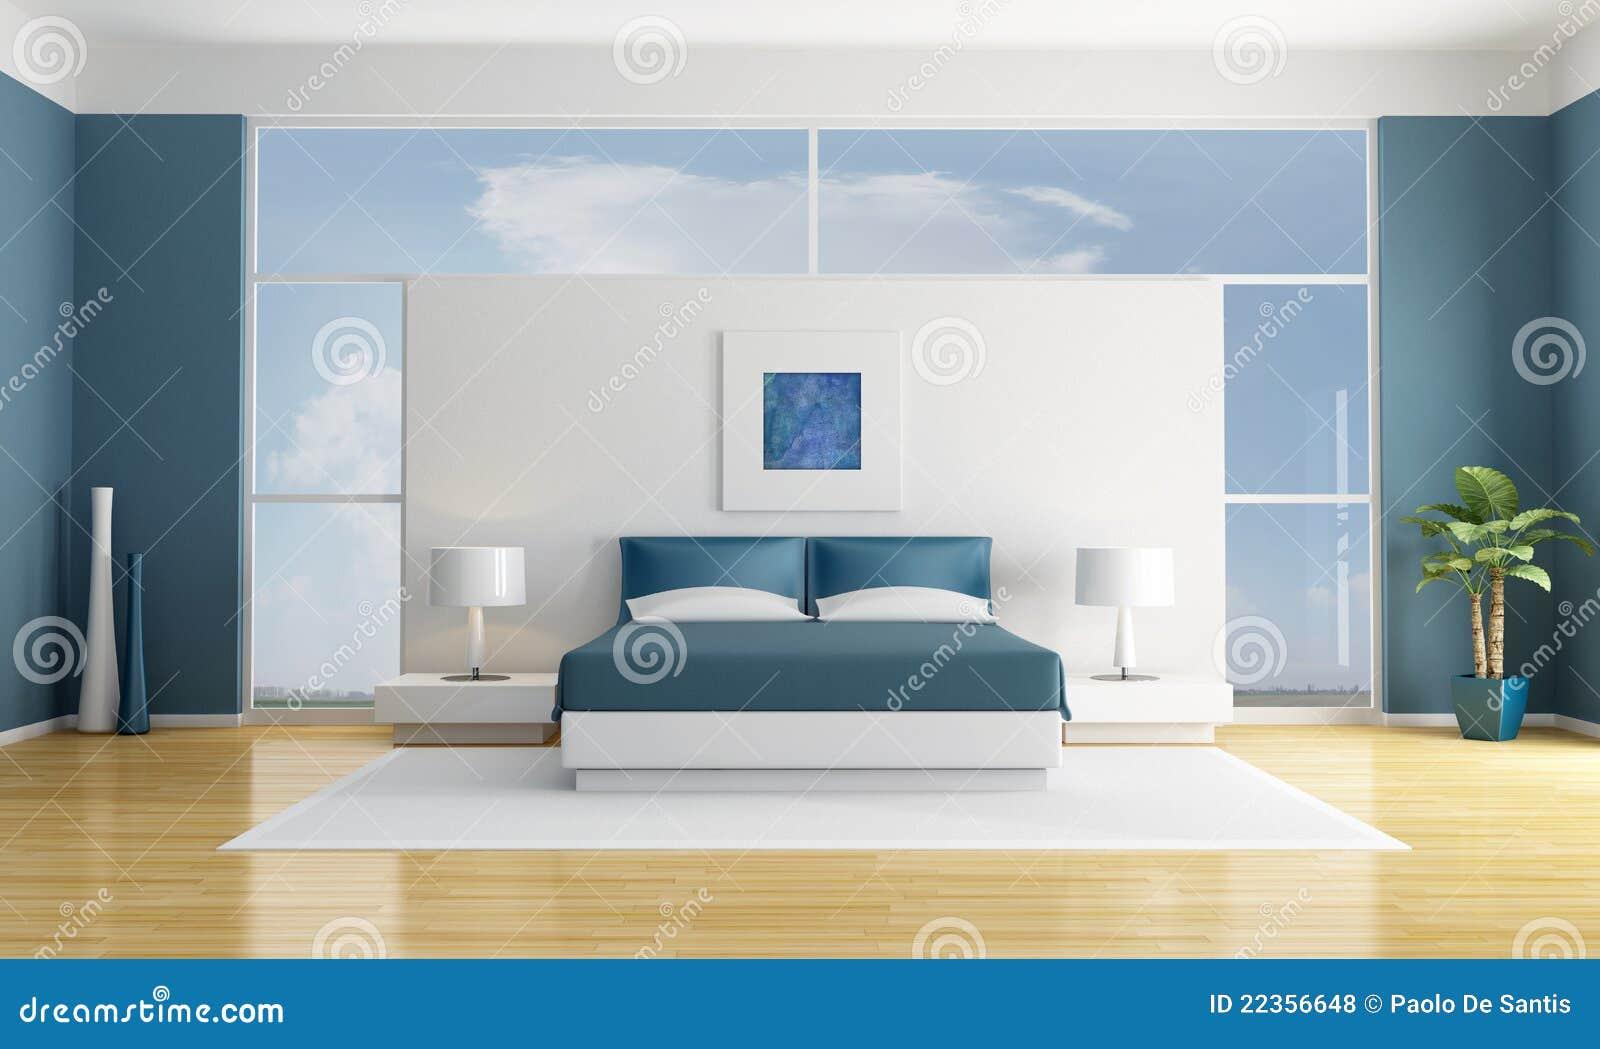 blaues schlafzimmer lizenzfreie stockfotos bild 22356648. Black Bedroom Furniture Sets. Home Design Ideas